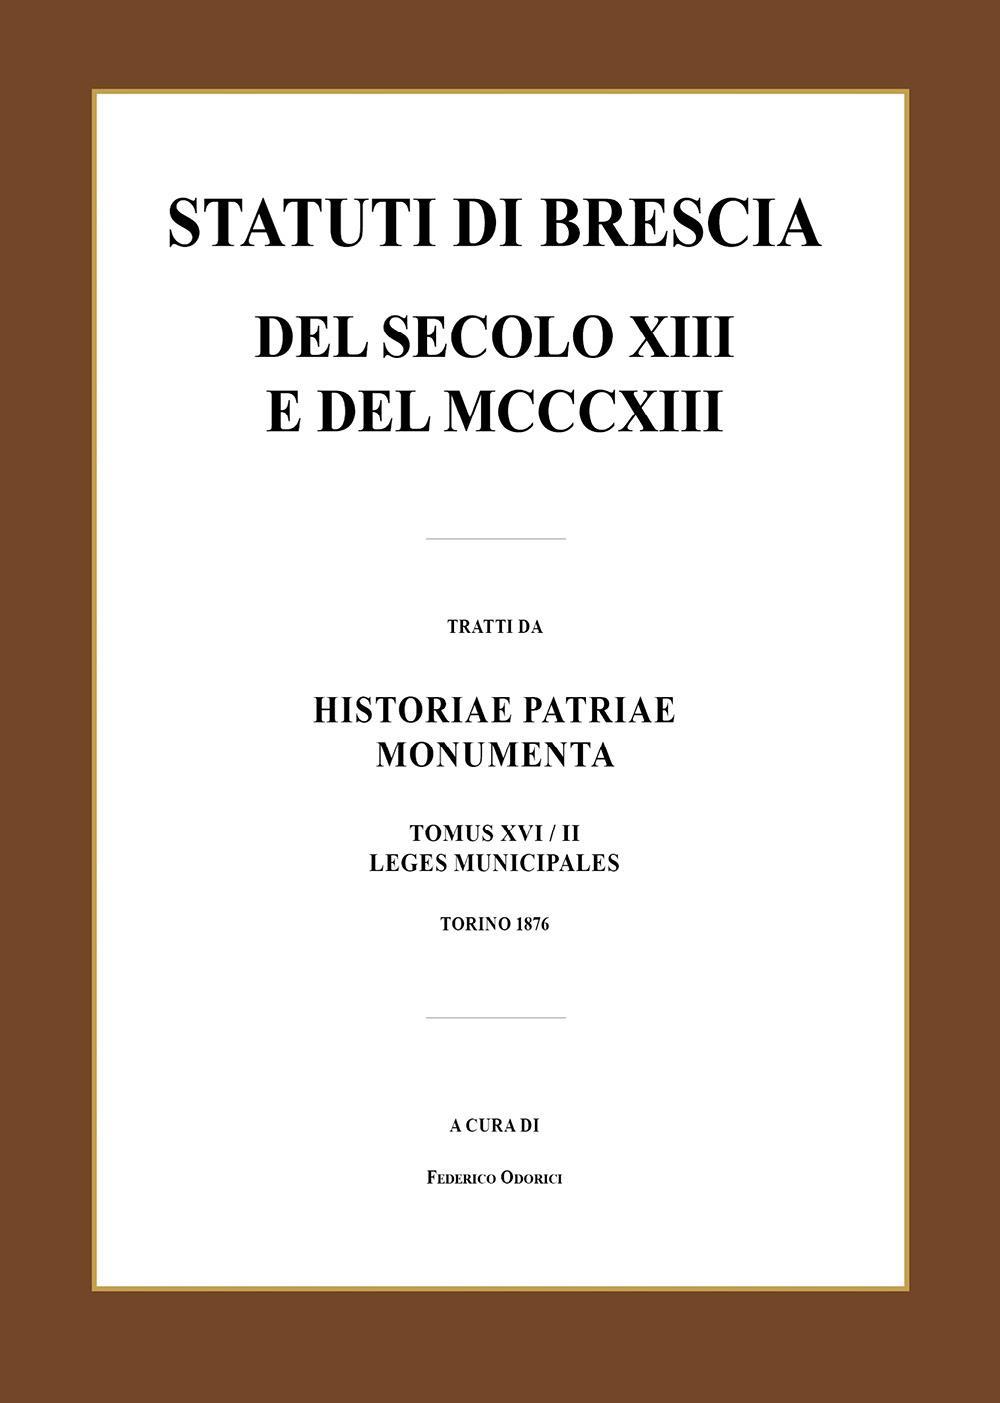 Statuti di Brescia del secolo XIII e del MCCCXIII